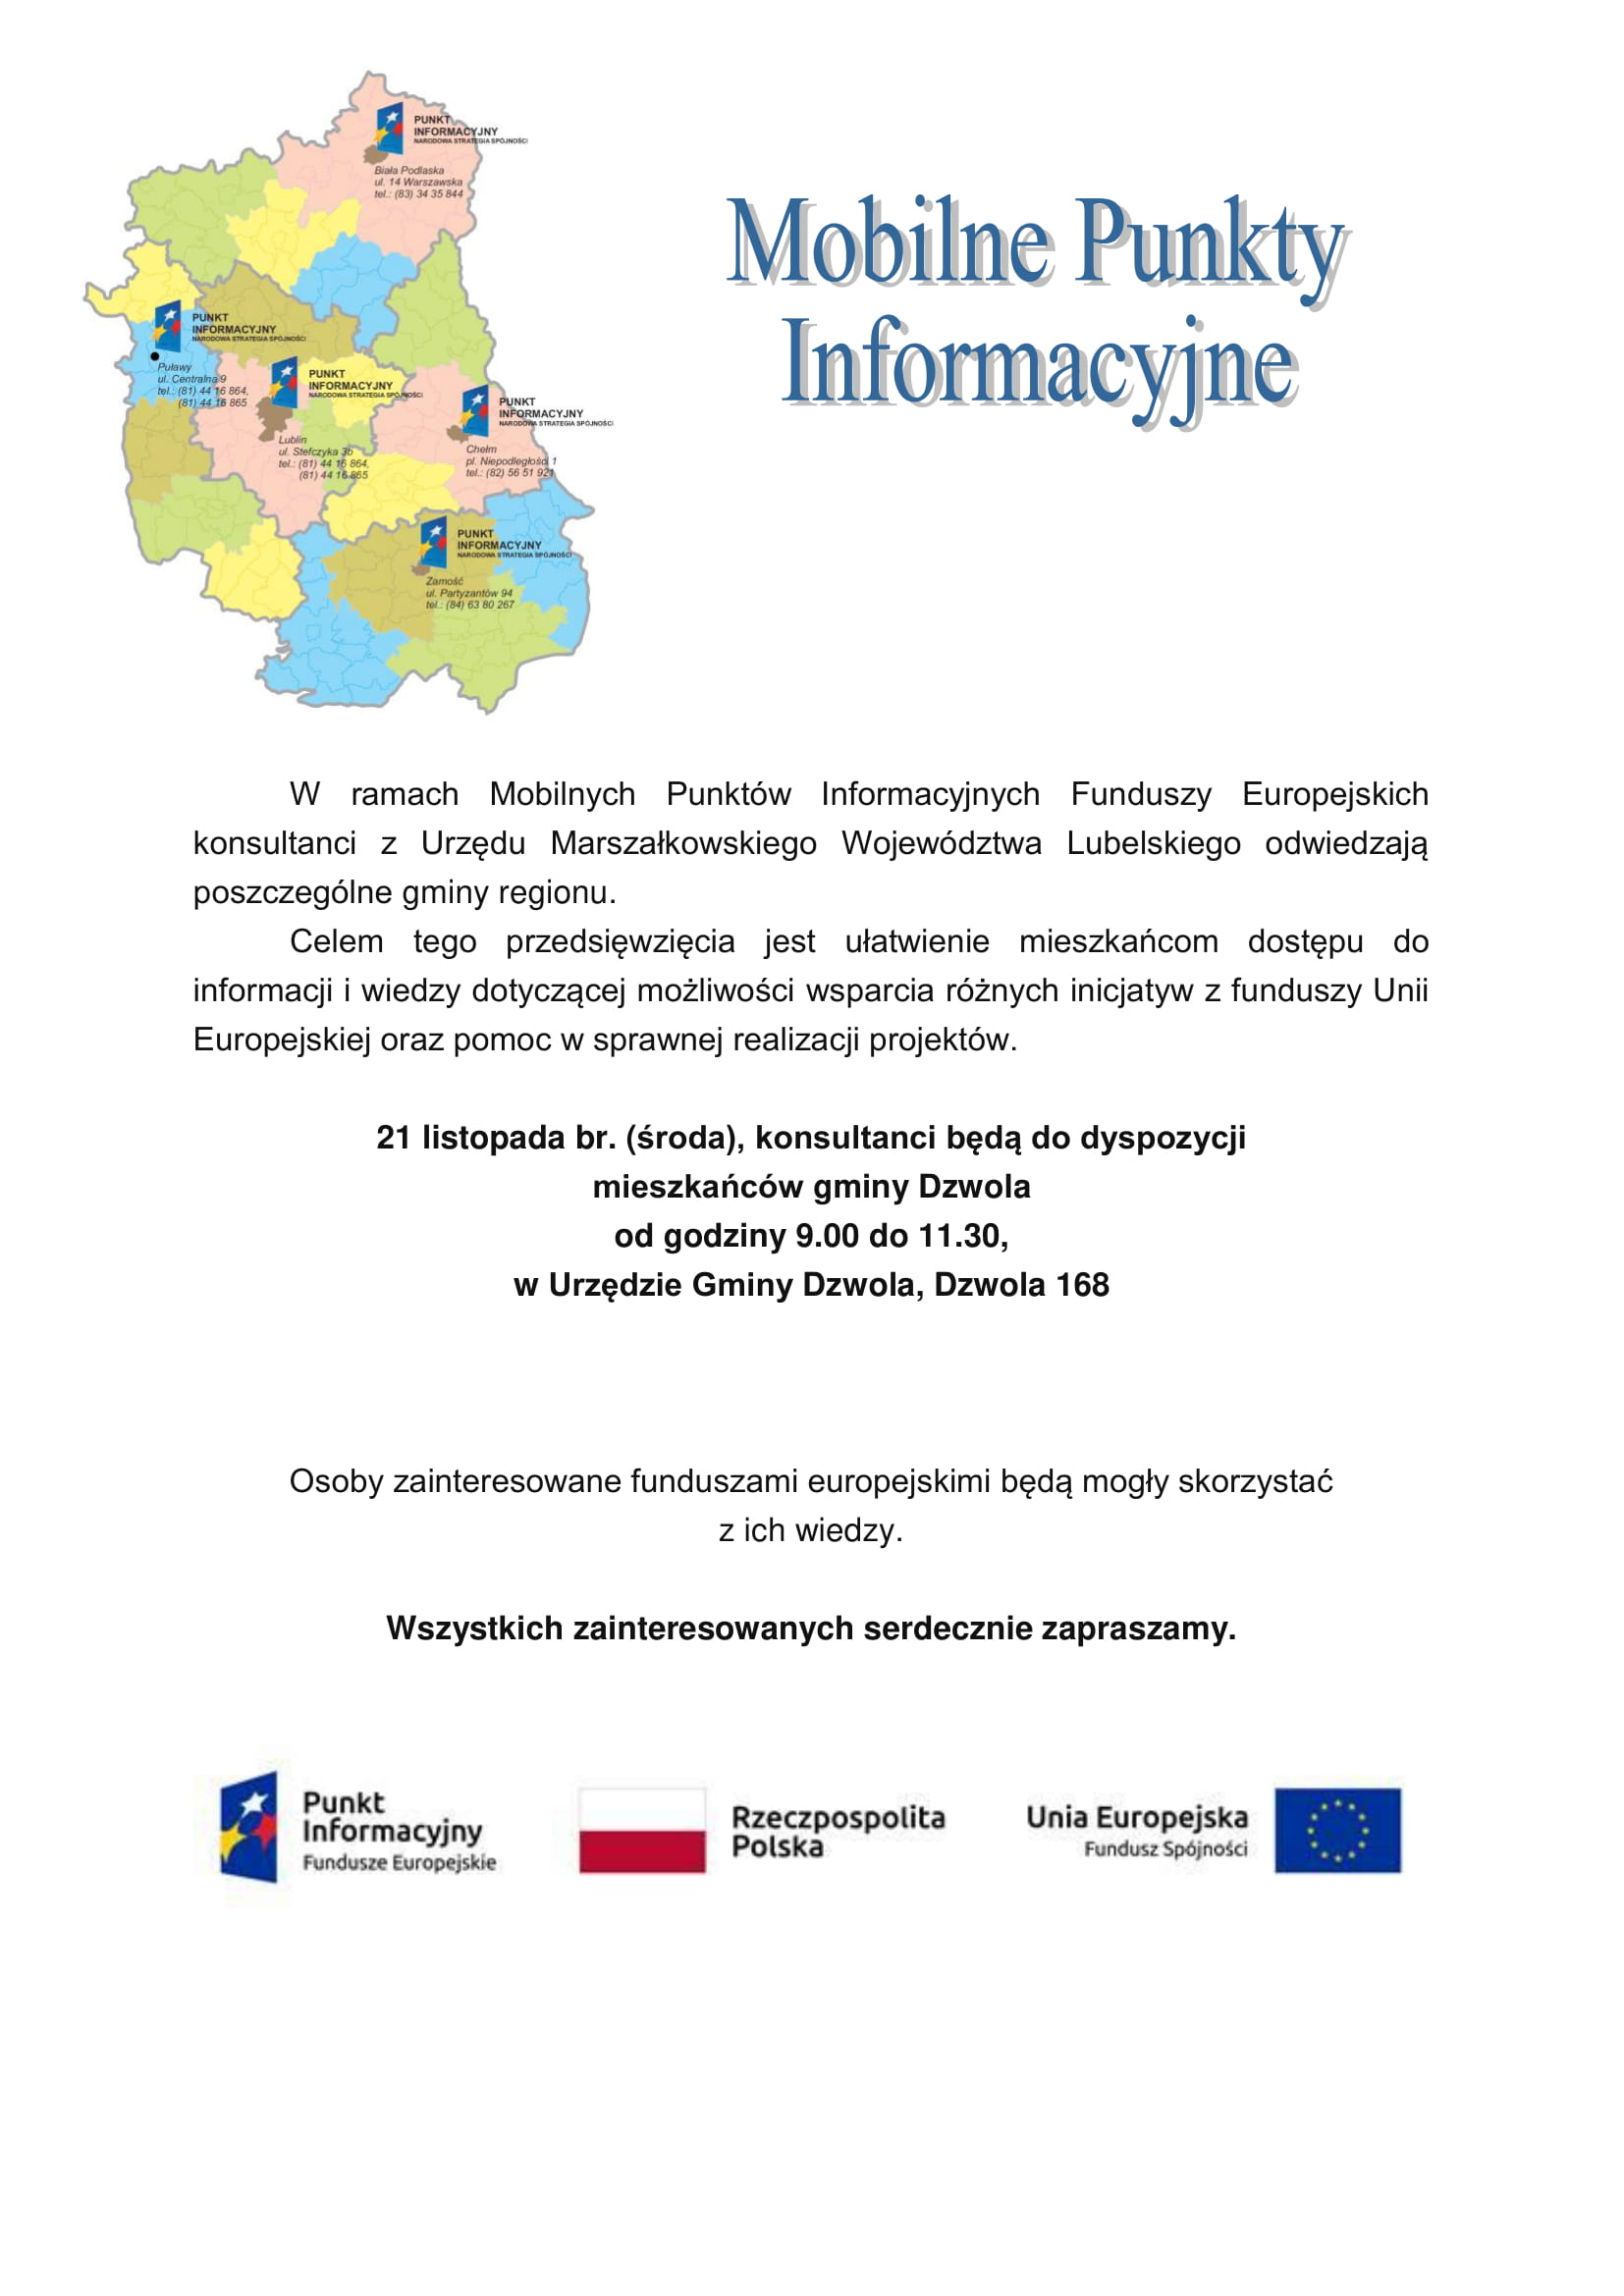 MPI informacja Dzwola 21 11 2018-1